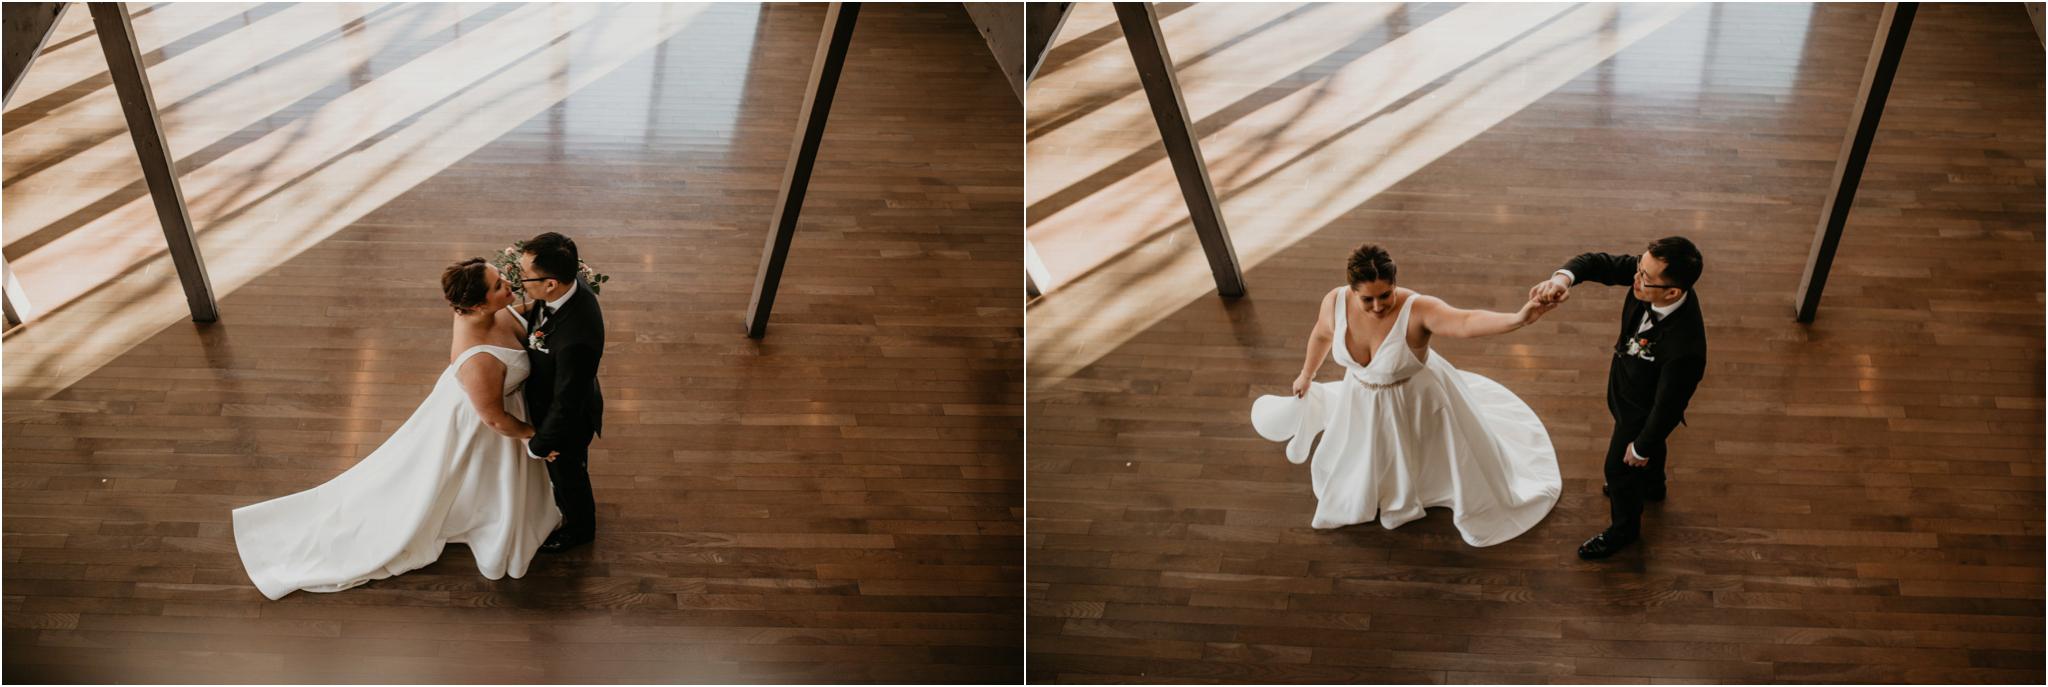 ashley-and-david-fremont-foundry-seattle-washington-wedding-photographer-056.jpg